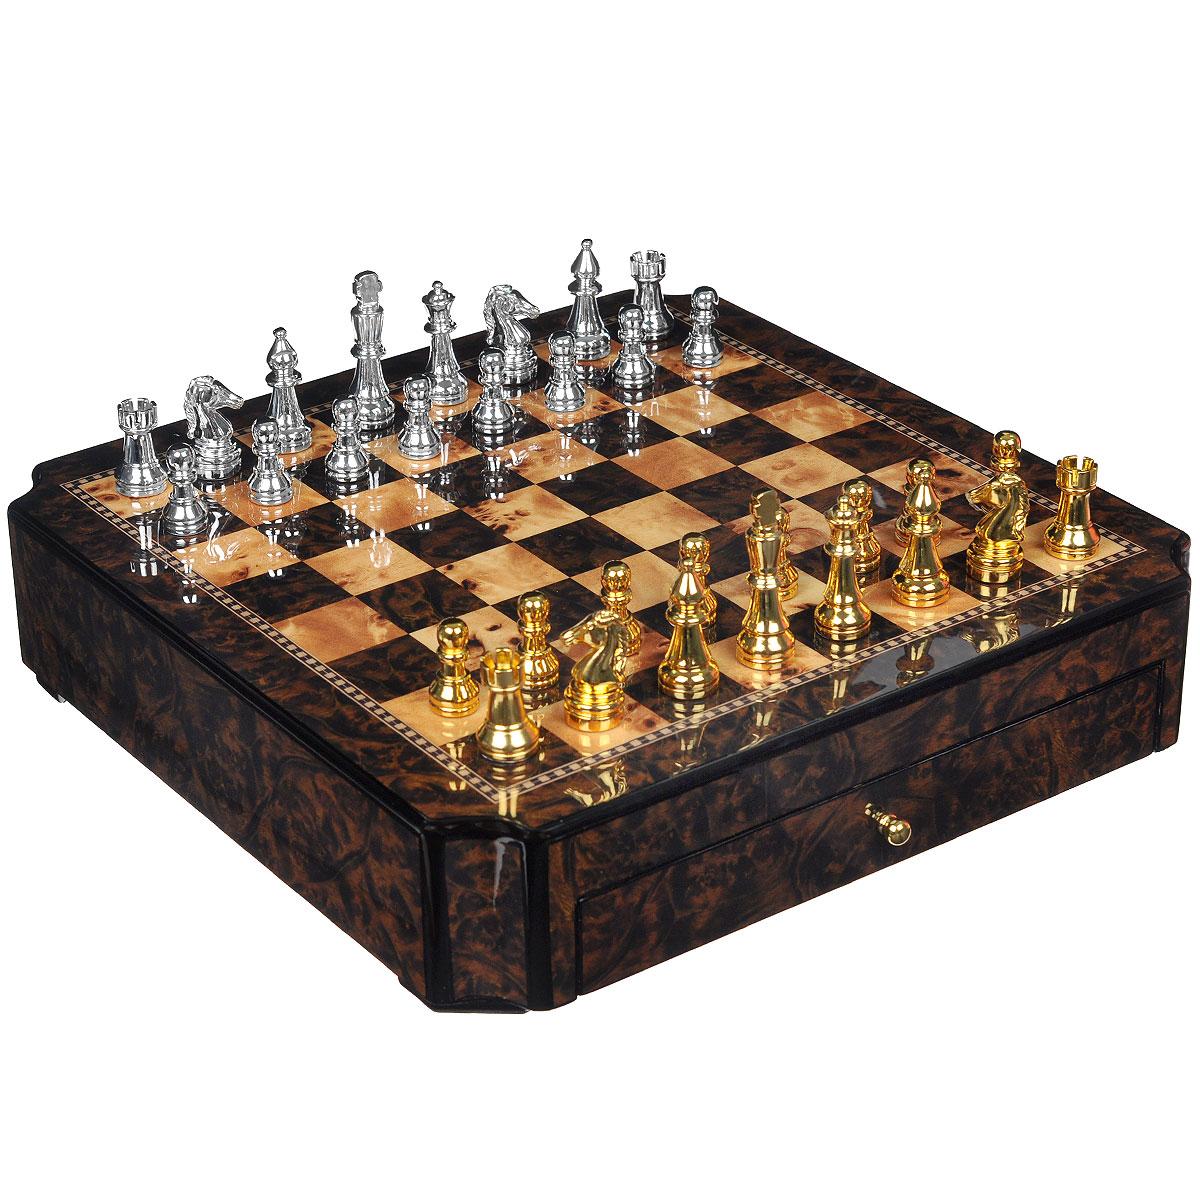 Игра настольная Русские Подарки Шахматы, размер: 42*42 см. 4453444534Игра Русские Подарки Шахматы - коллекционная настольная игра, которая станет достойным подарком для начальника, партнера или друга. Фигуры из комплекта раскрашены вручную и отлиты из олова, а доска изготовлена из натурального дерева и оснащена выдвижными ящичками. Шахматы - это хорошее средство для развития логического мышления, концентрации, внимания.